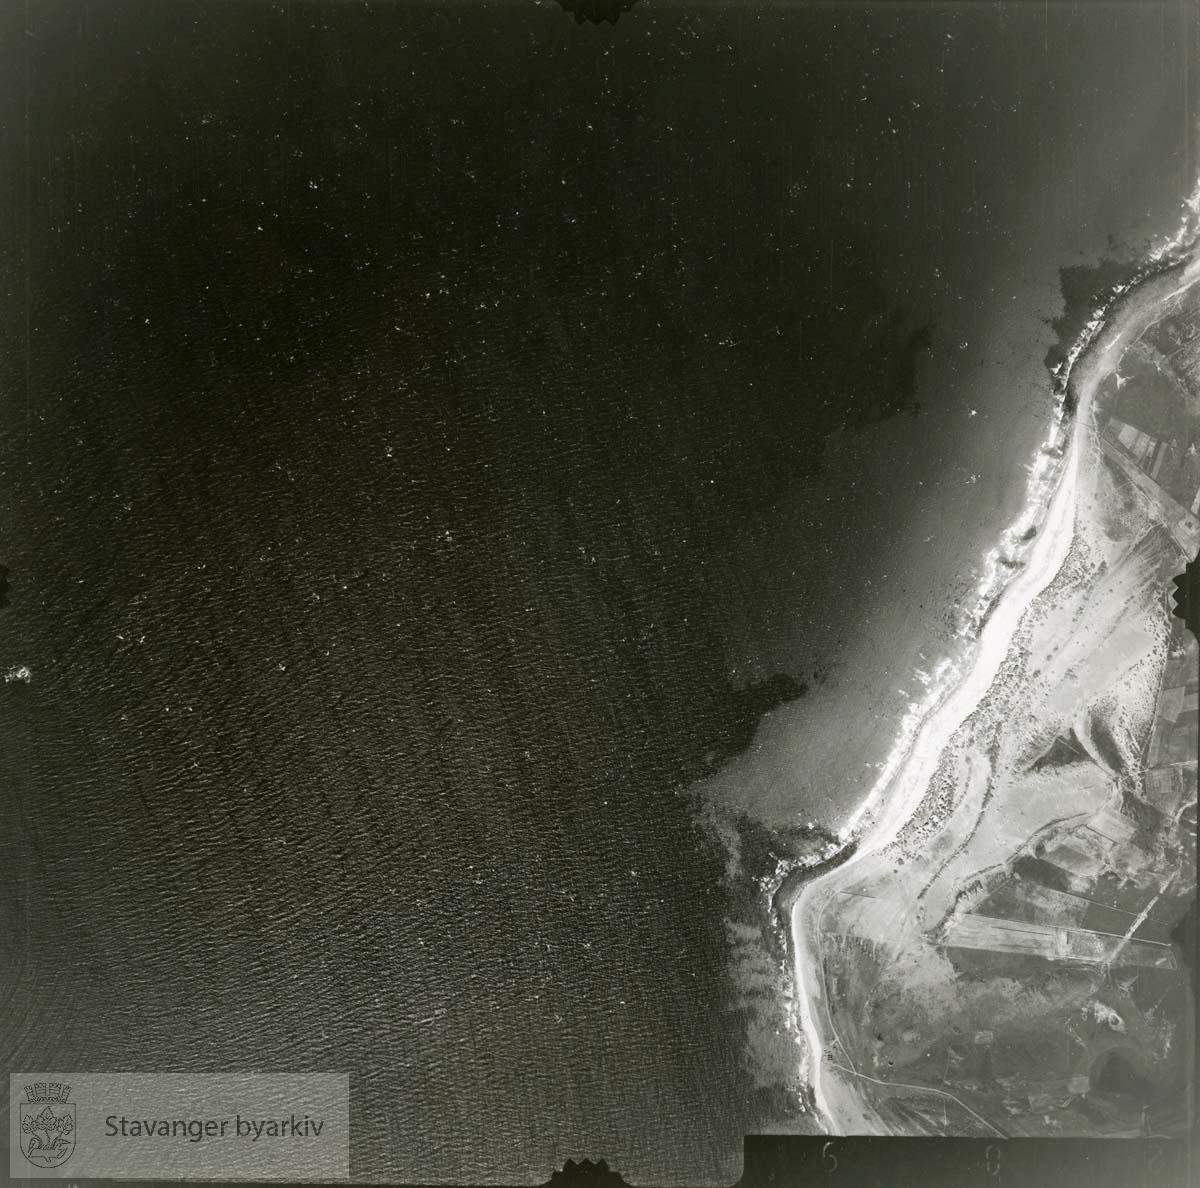 Jfr. kart/fotoplanA(II) 9/289..Se ByStW_Uca_002 (kan lastes ned under fanen for kart på Stavangerbilder)